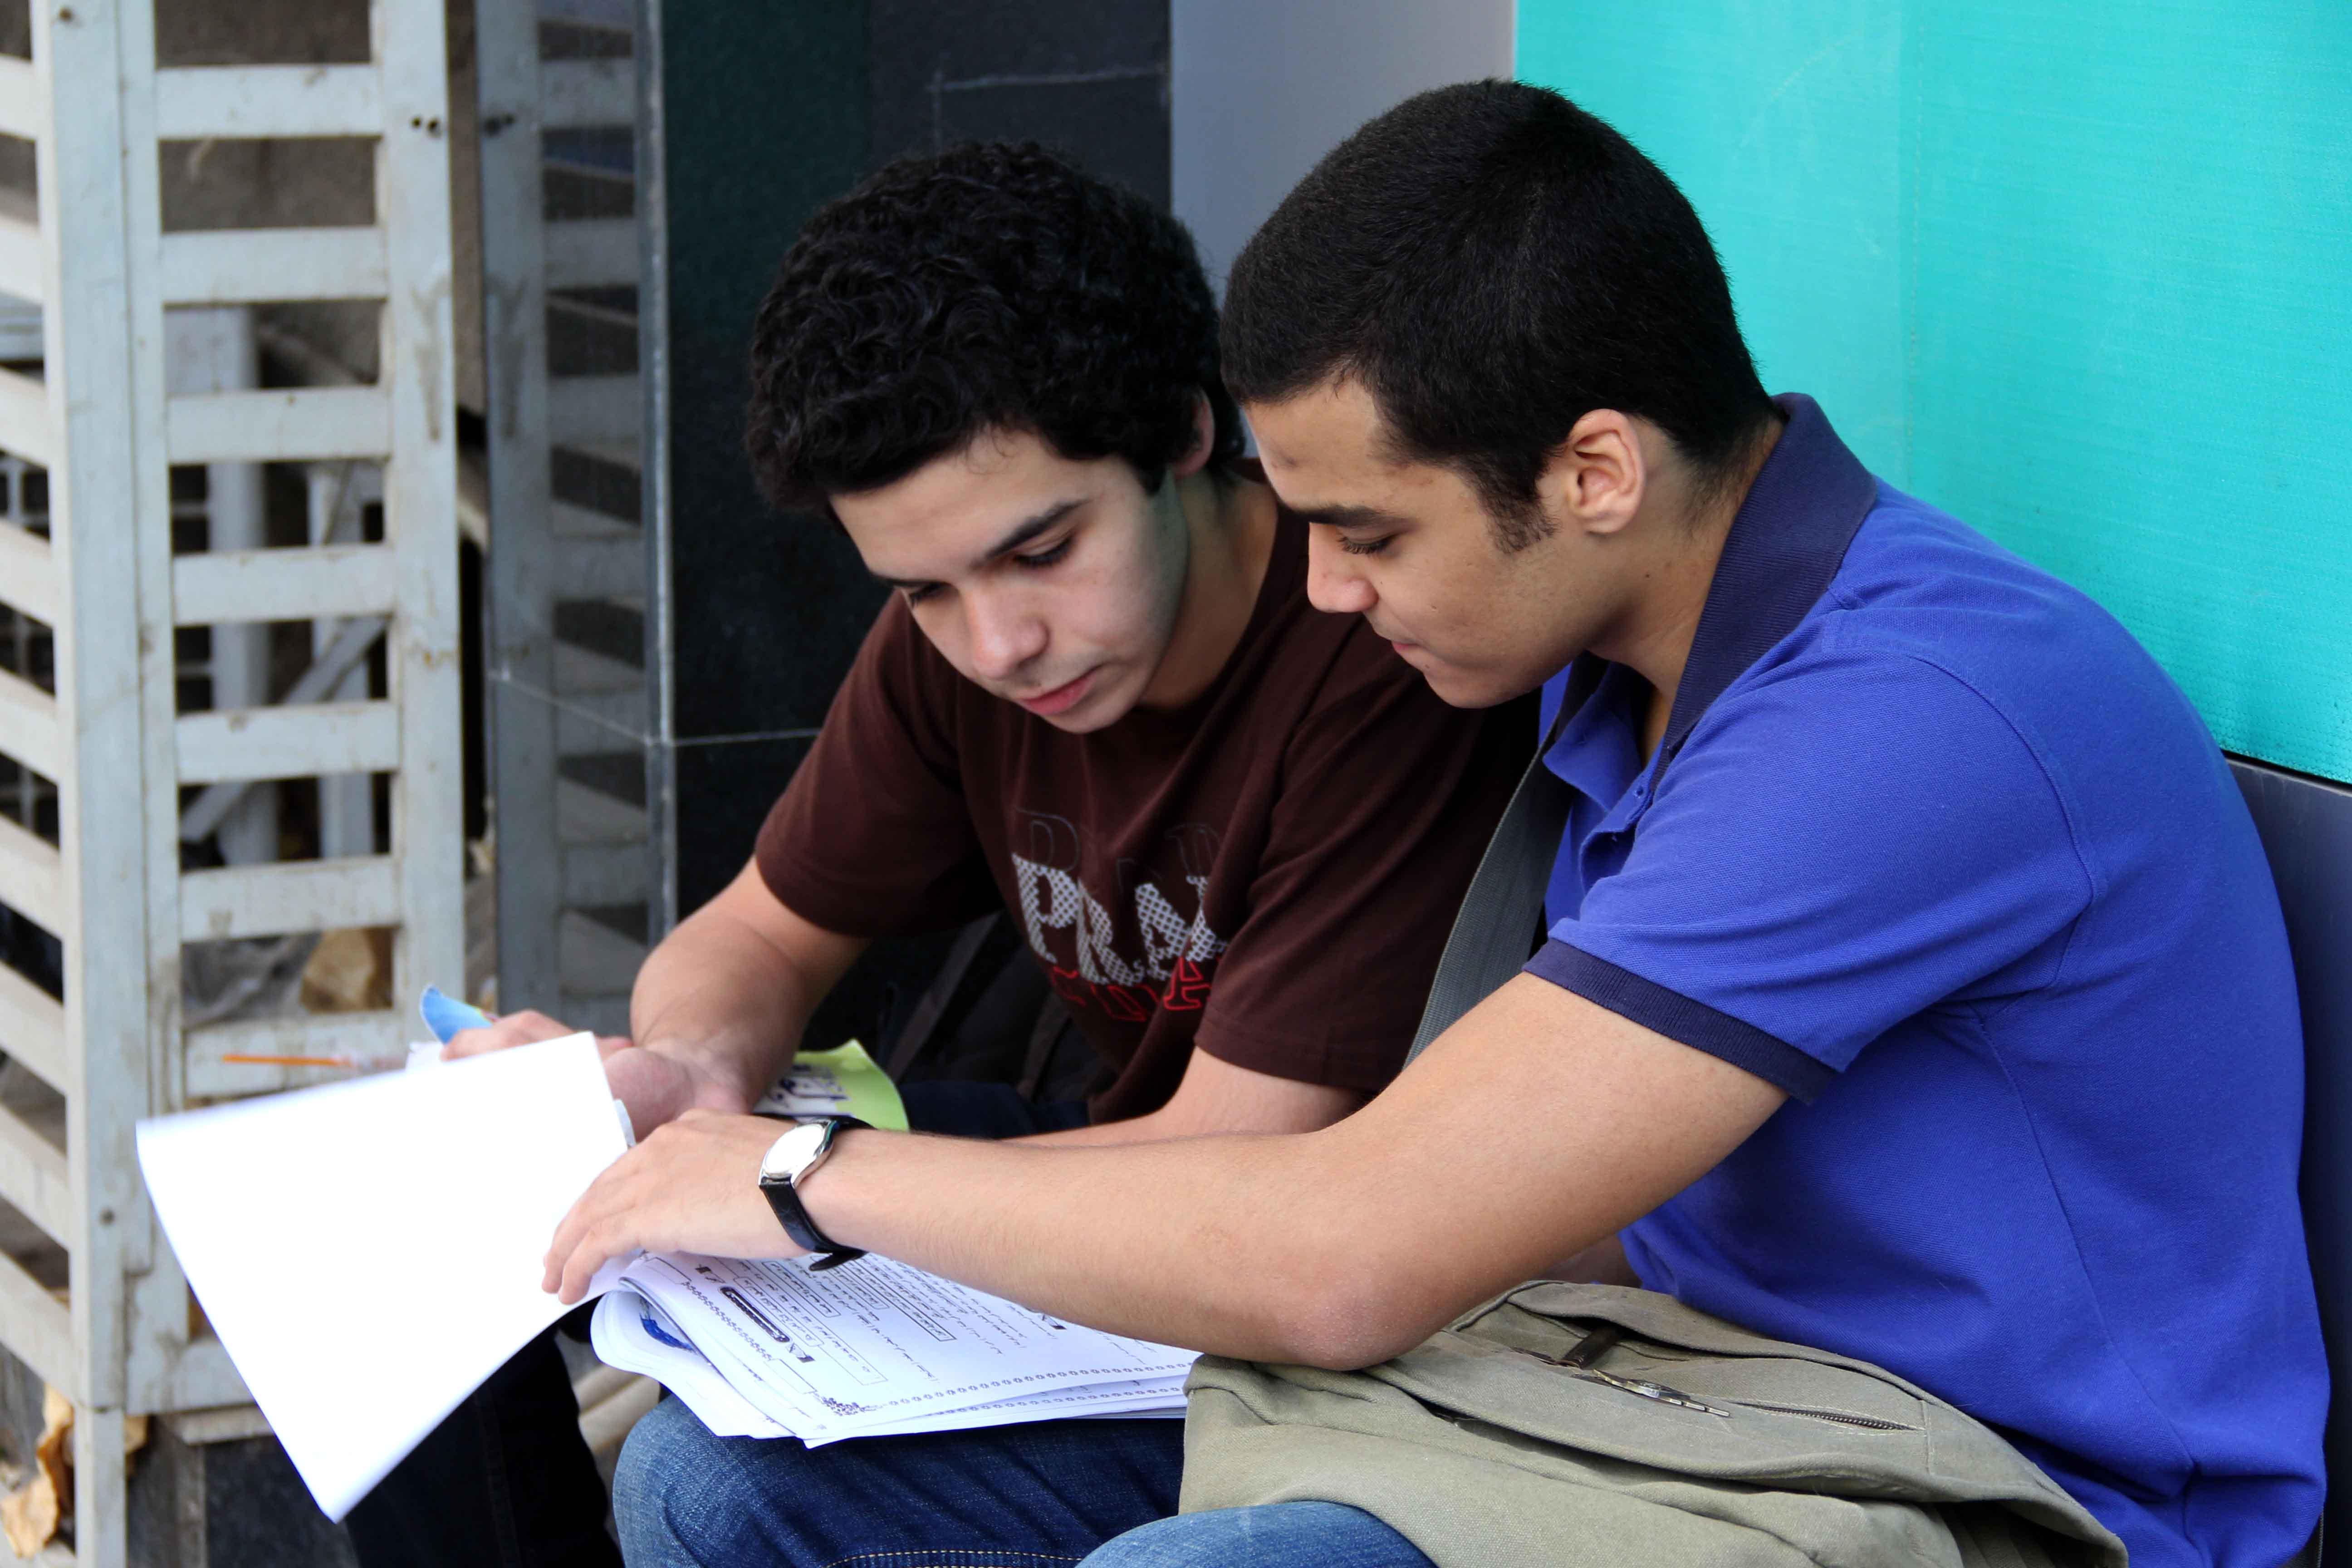 بدء امتحانات الثانويه العامه 8-6-2013 تصوير حسن محمد (5)